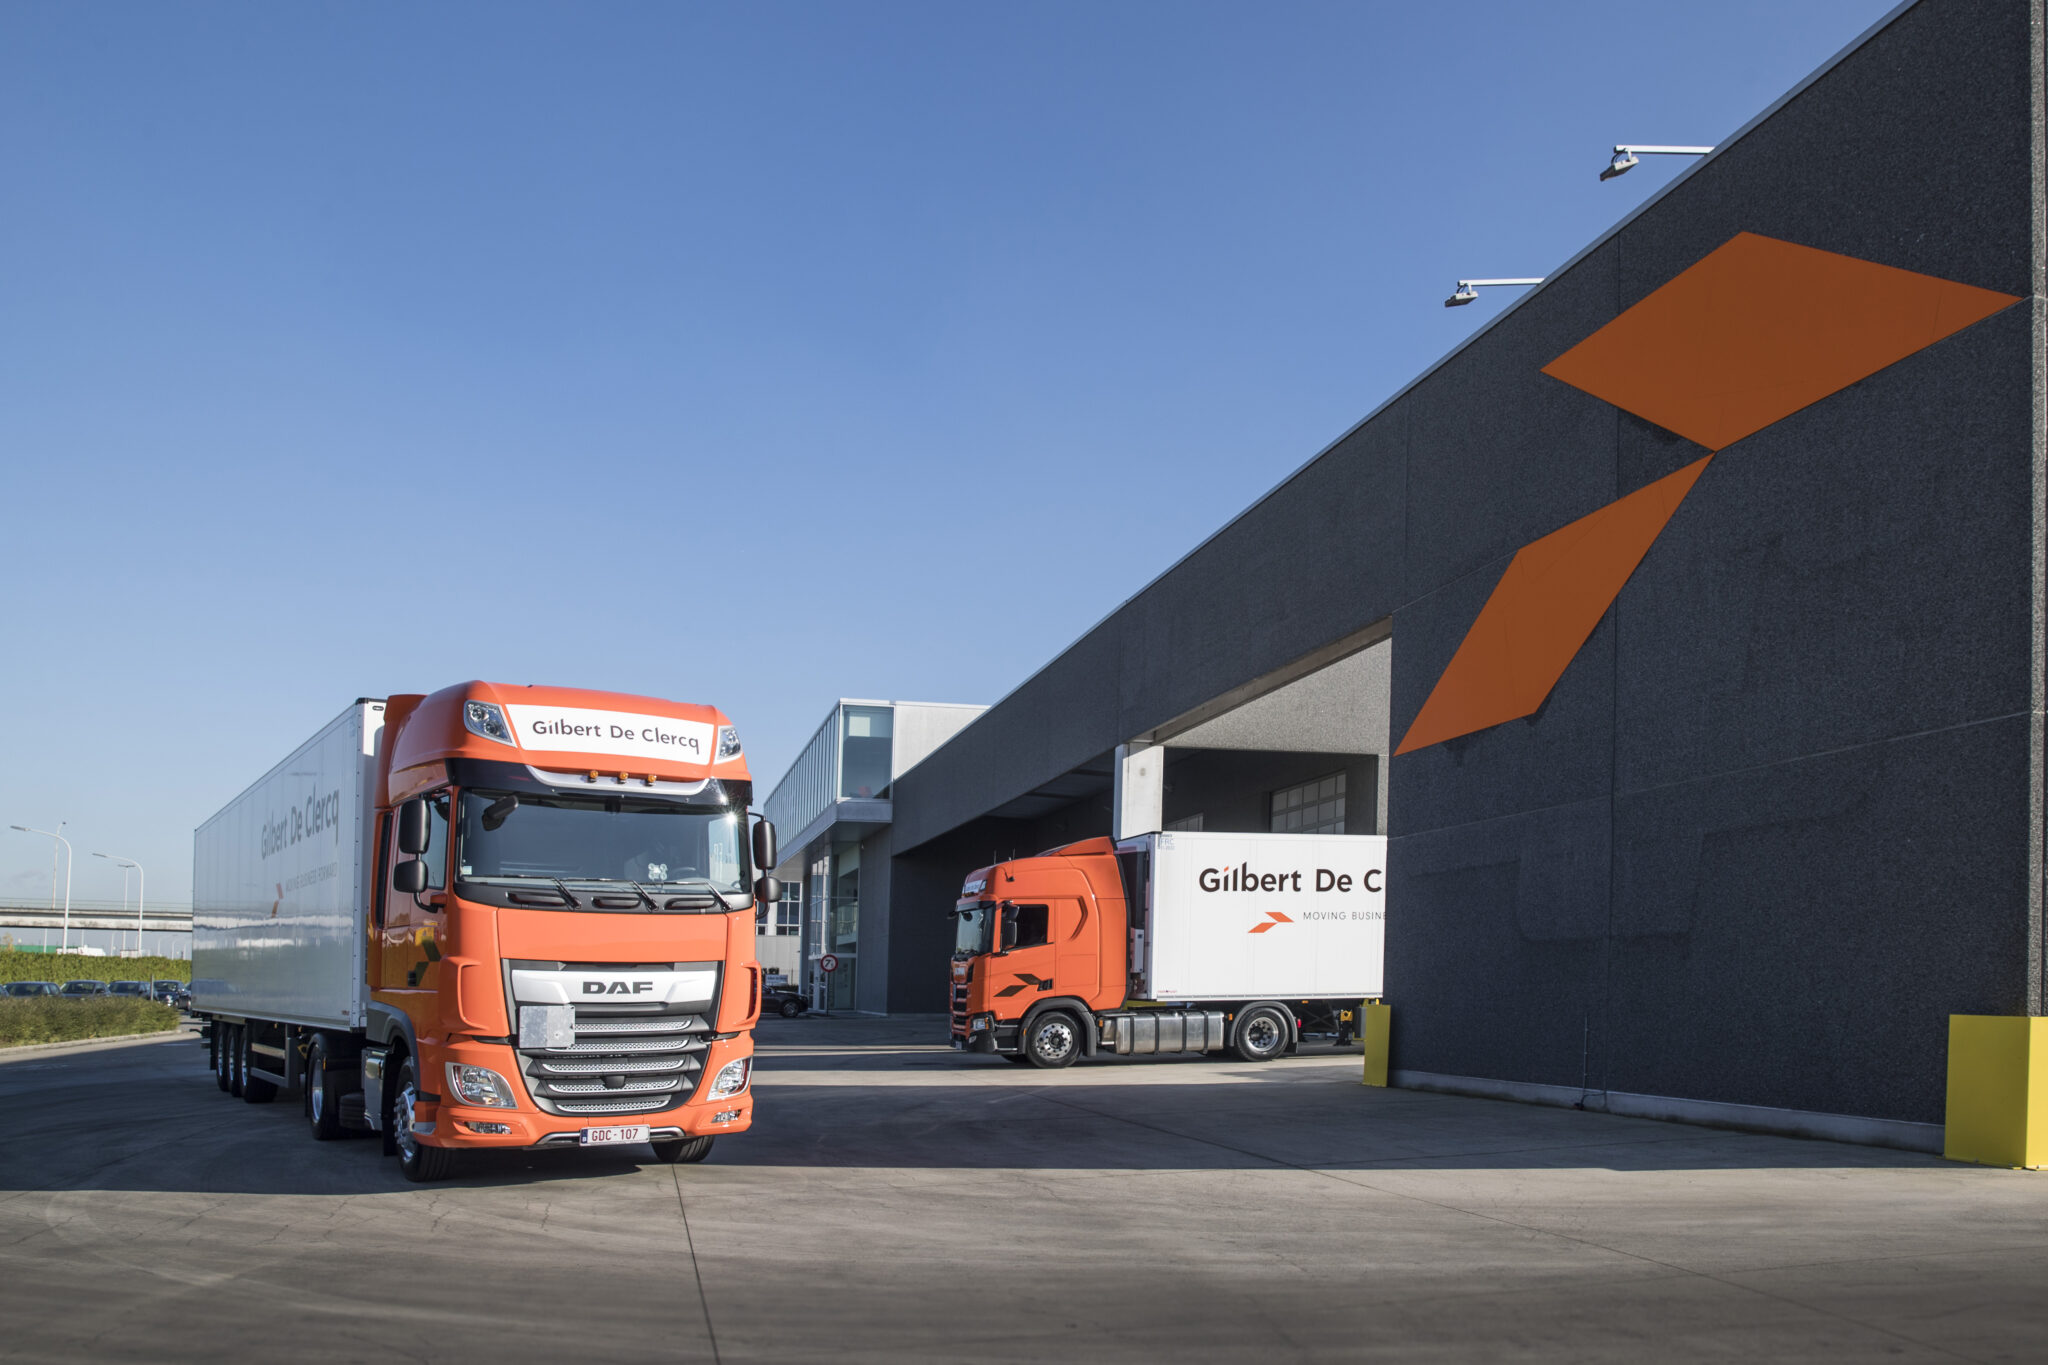 Daf-Scania